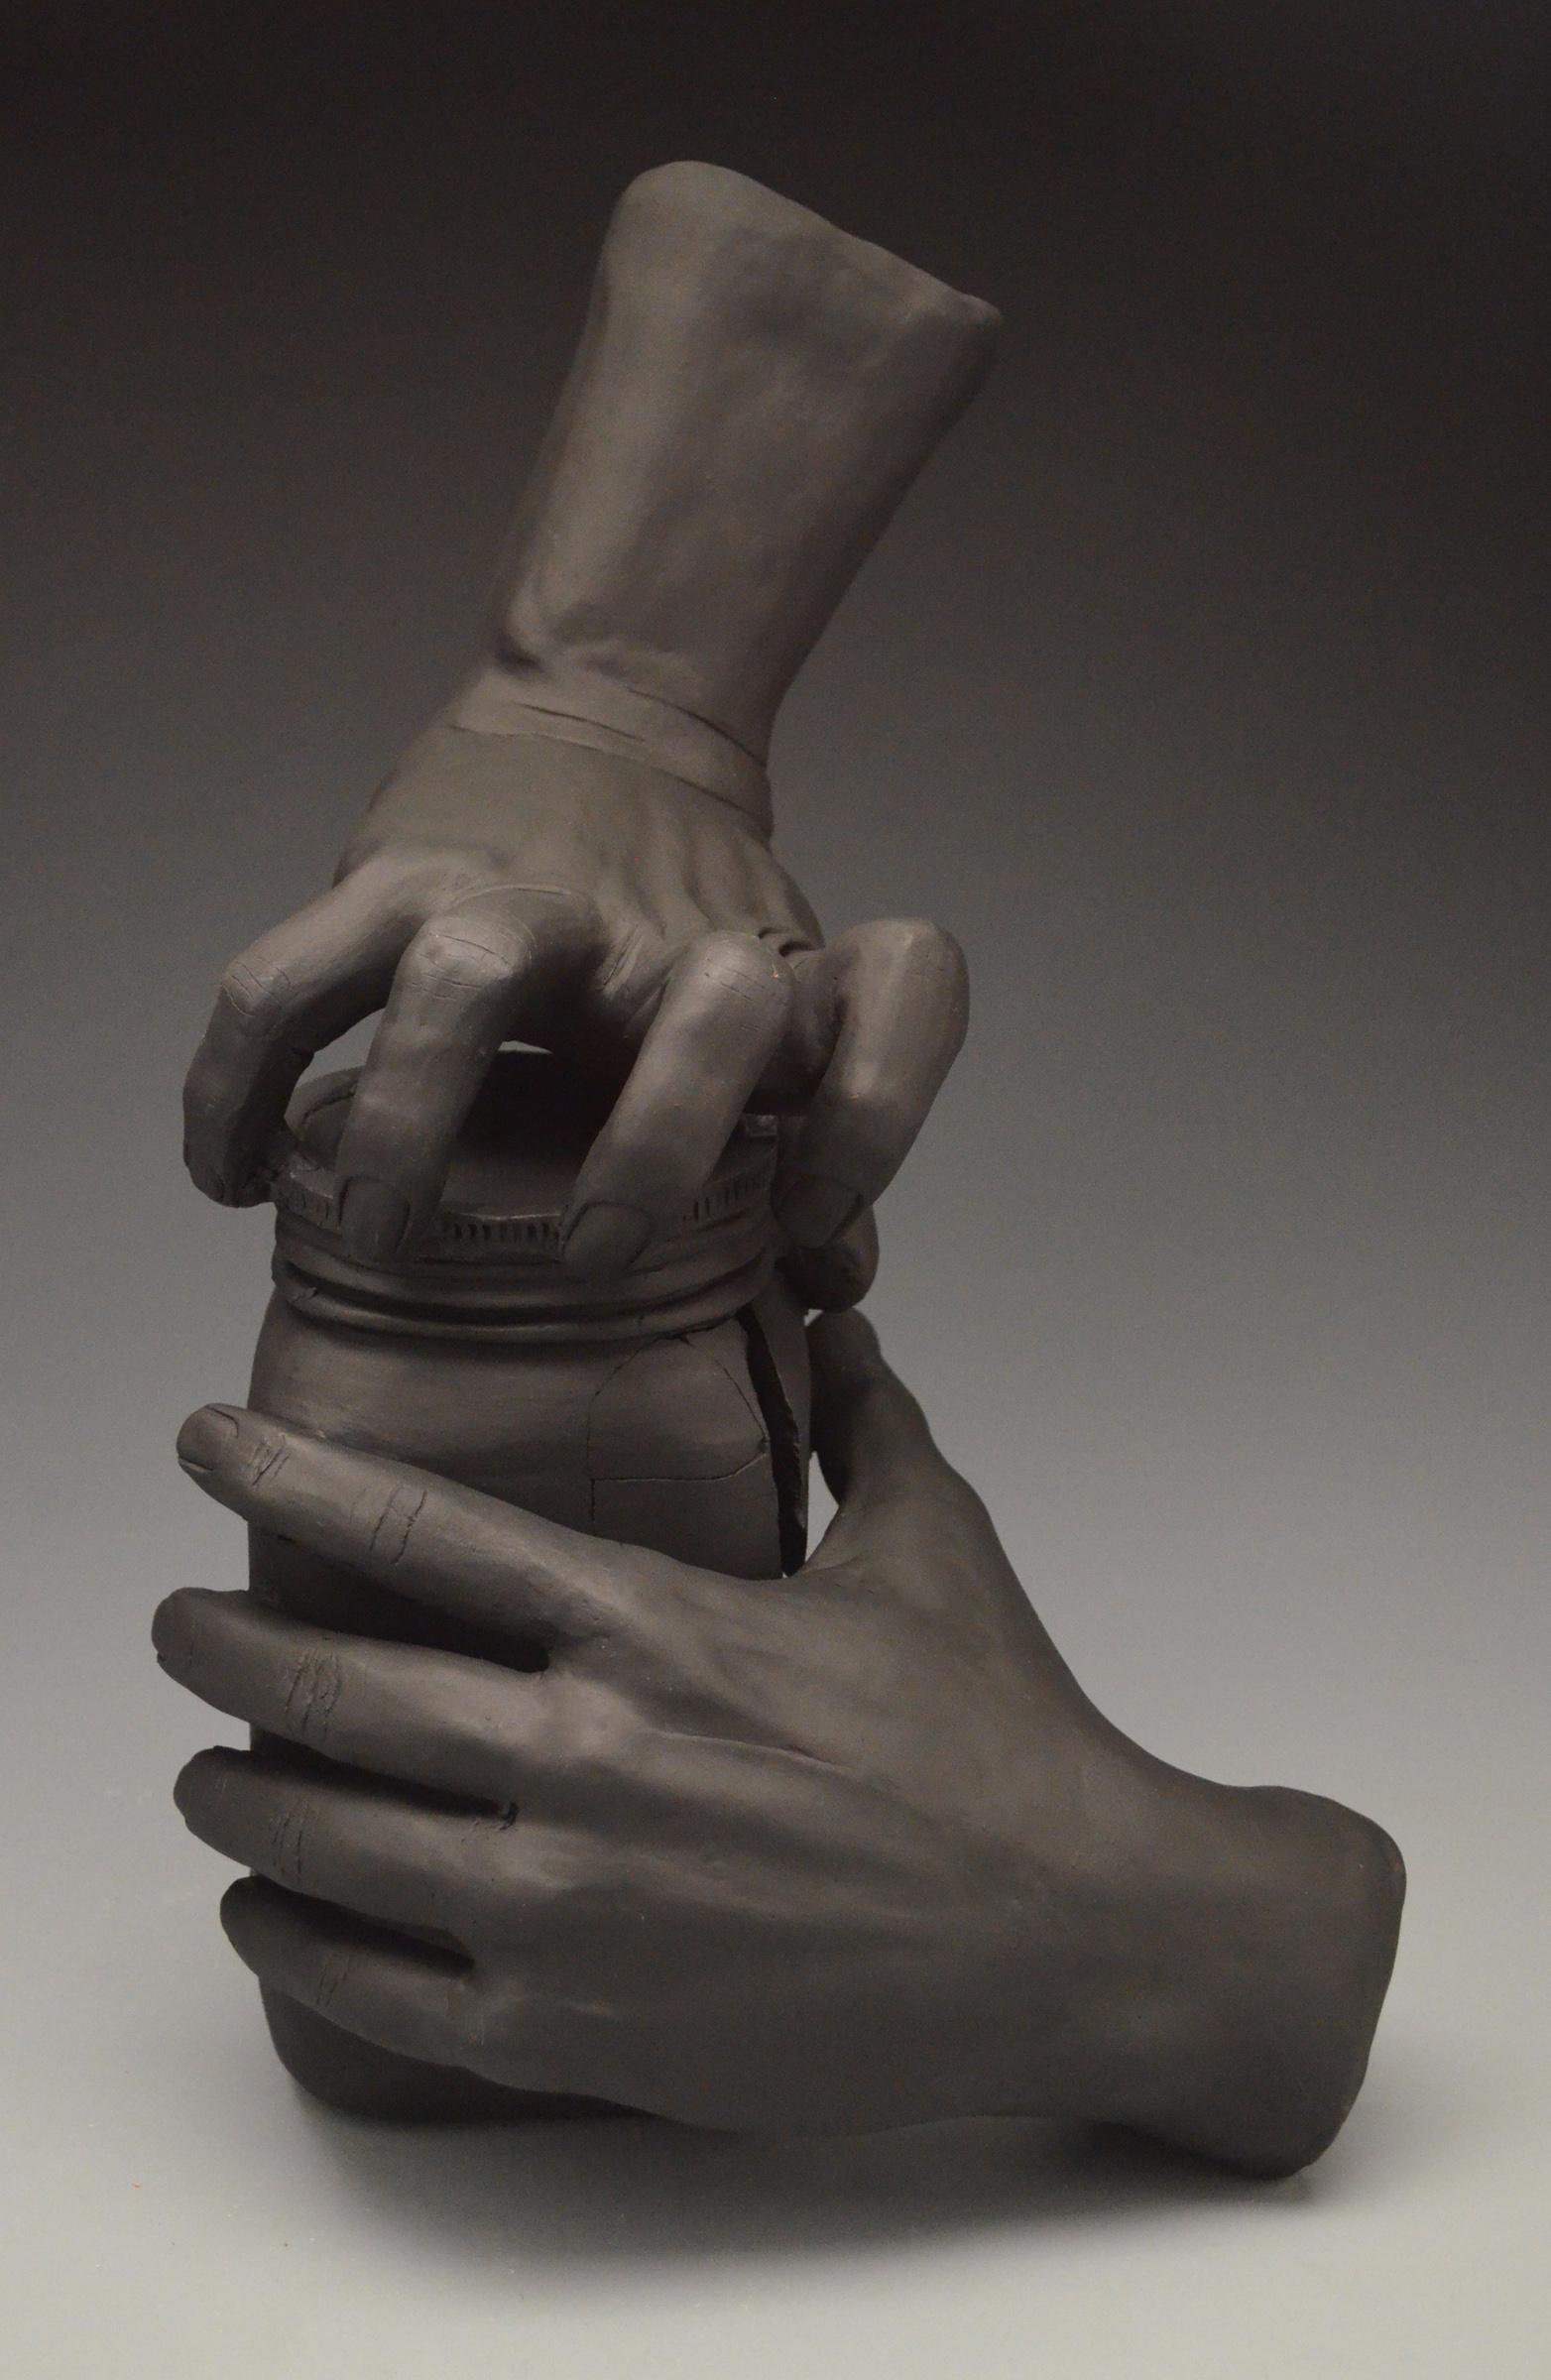 12. daniela londono-bernal hands3.jpg